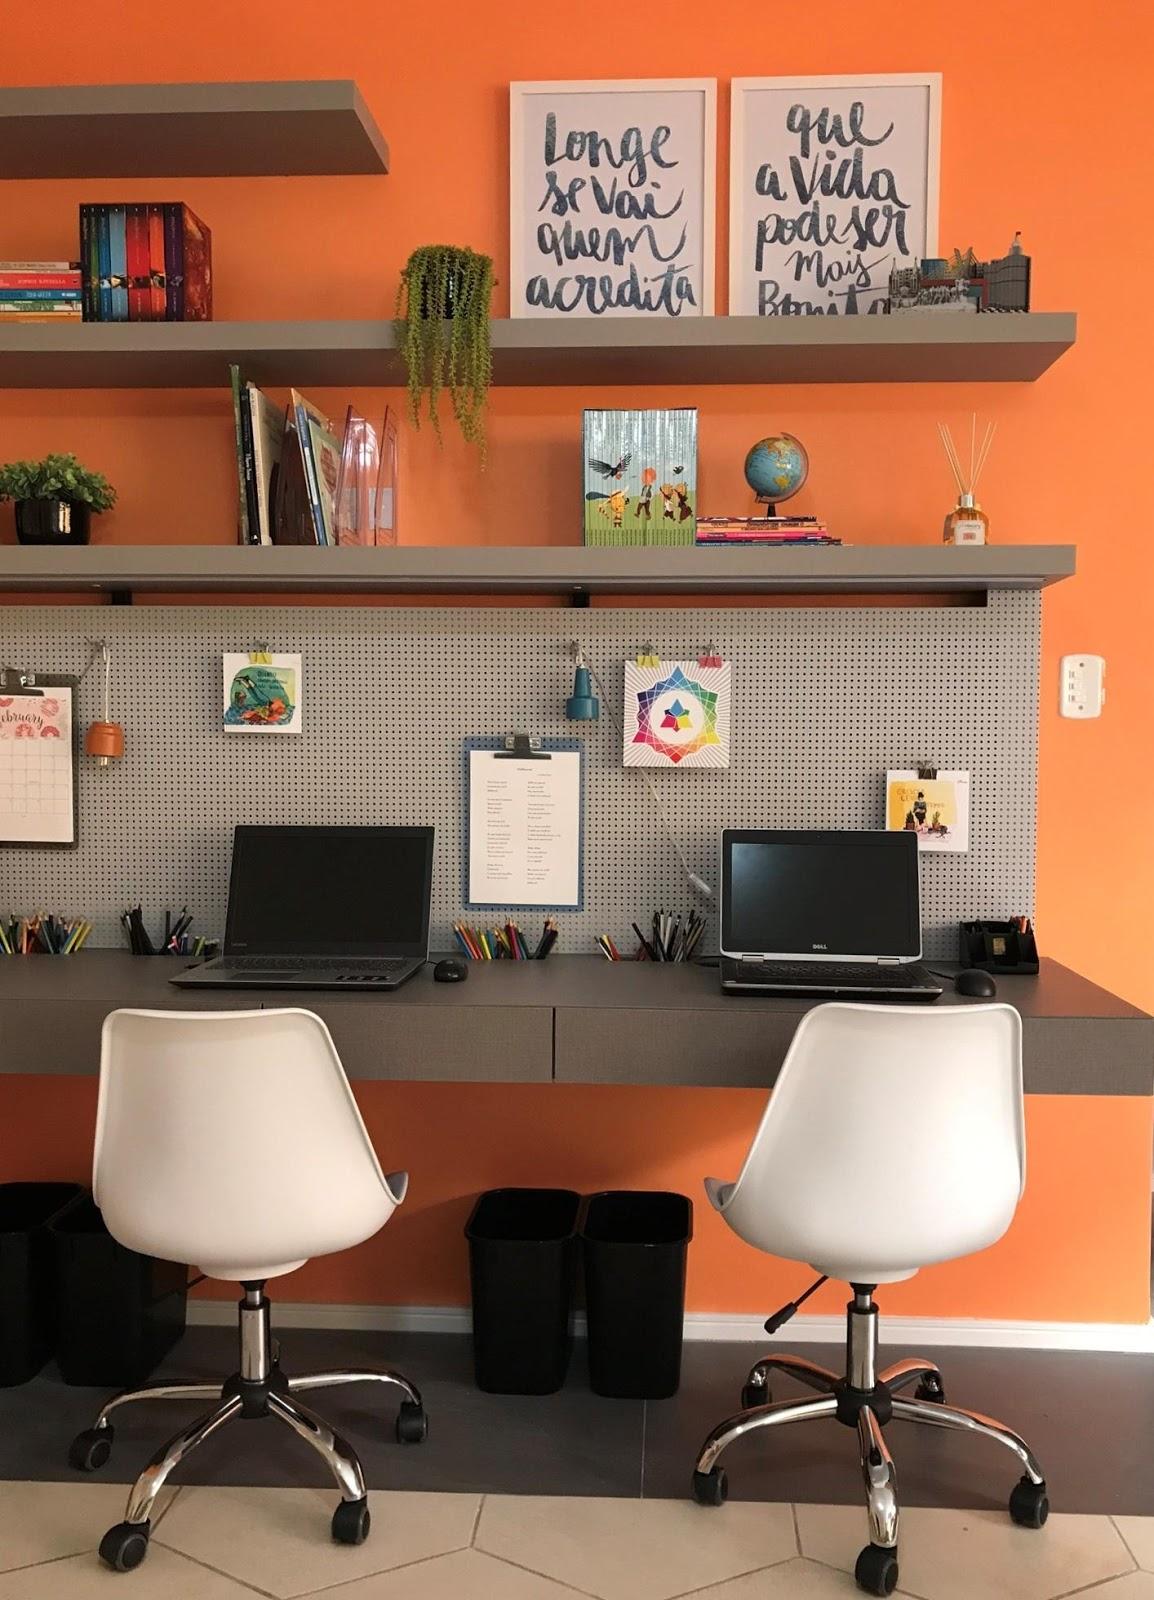 Ambiente de home office com chapa perfurada, computadores, cadeiras e quadros.